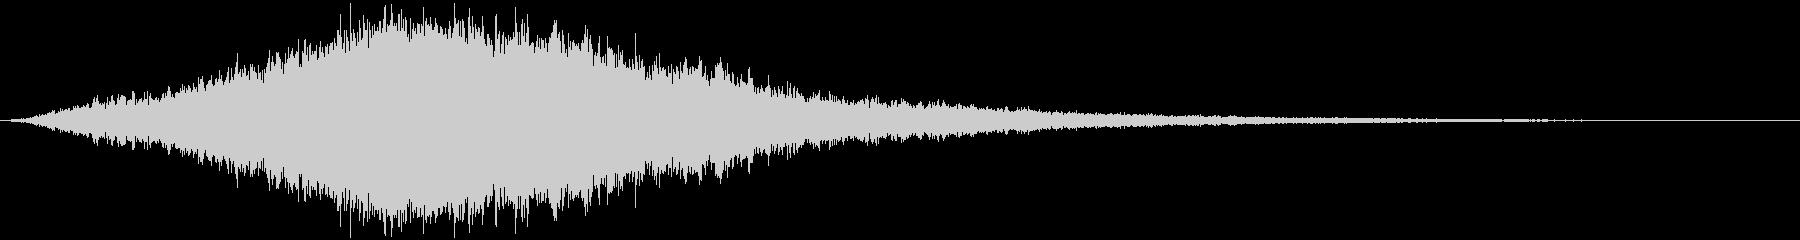 【シネマティック】 ドローン_10の未再生の波形